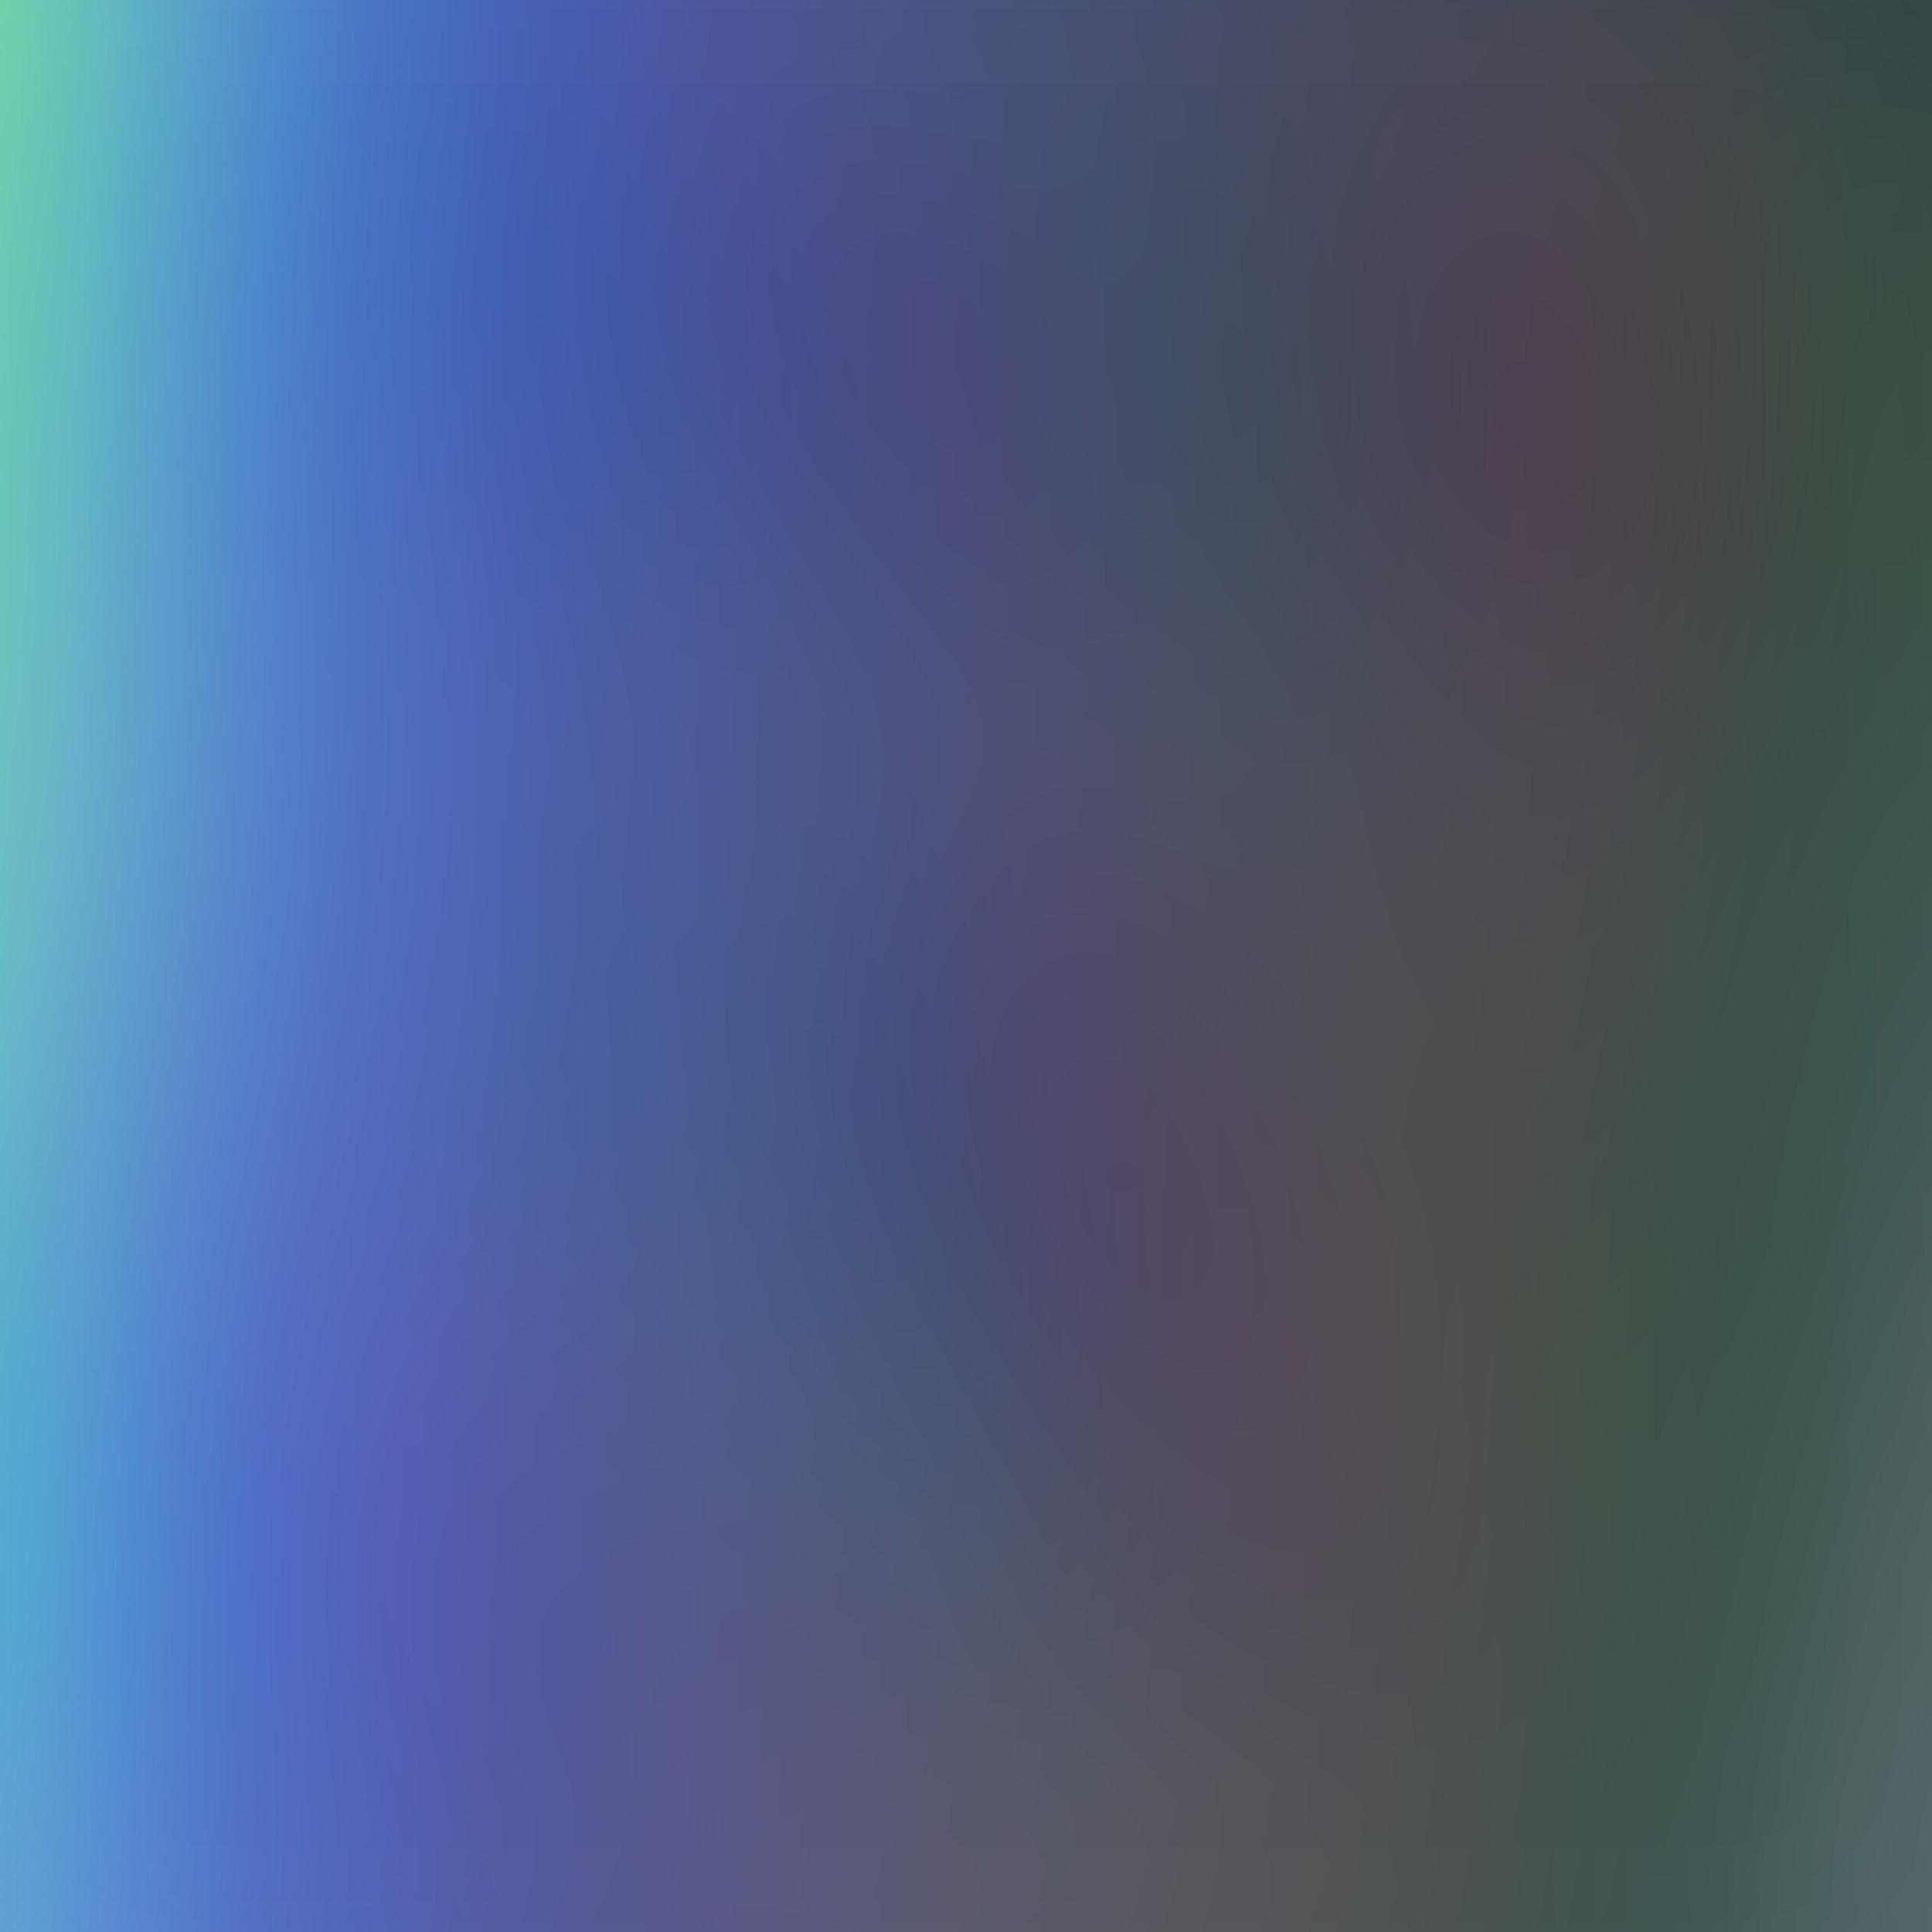 V135374B 2of 2 48x48.jpg